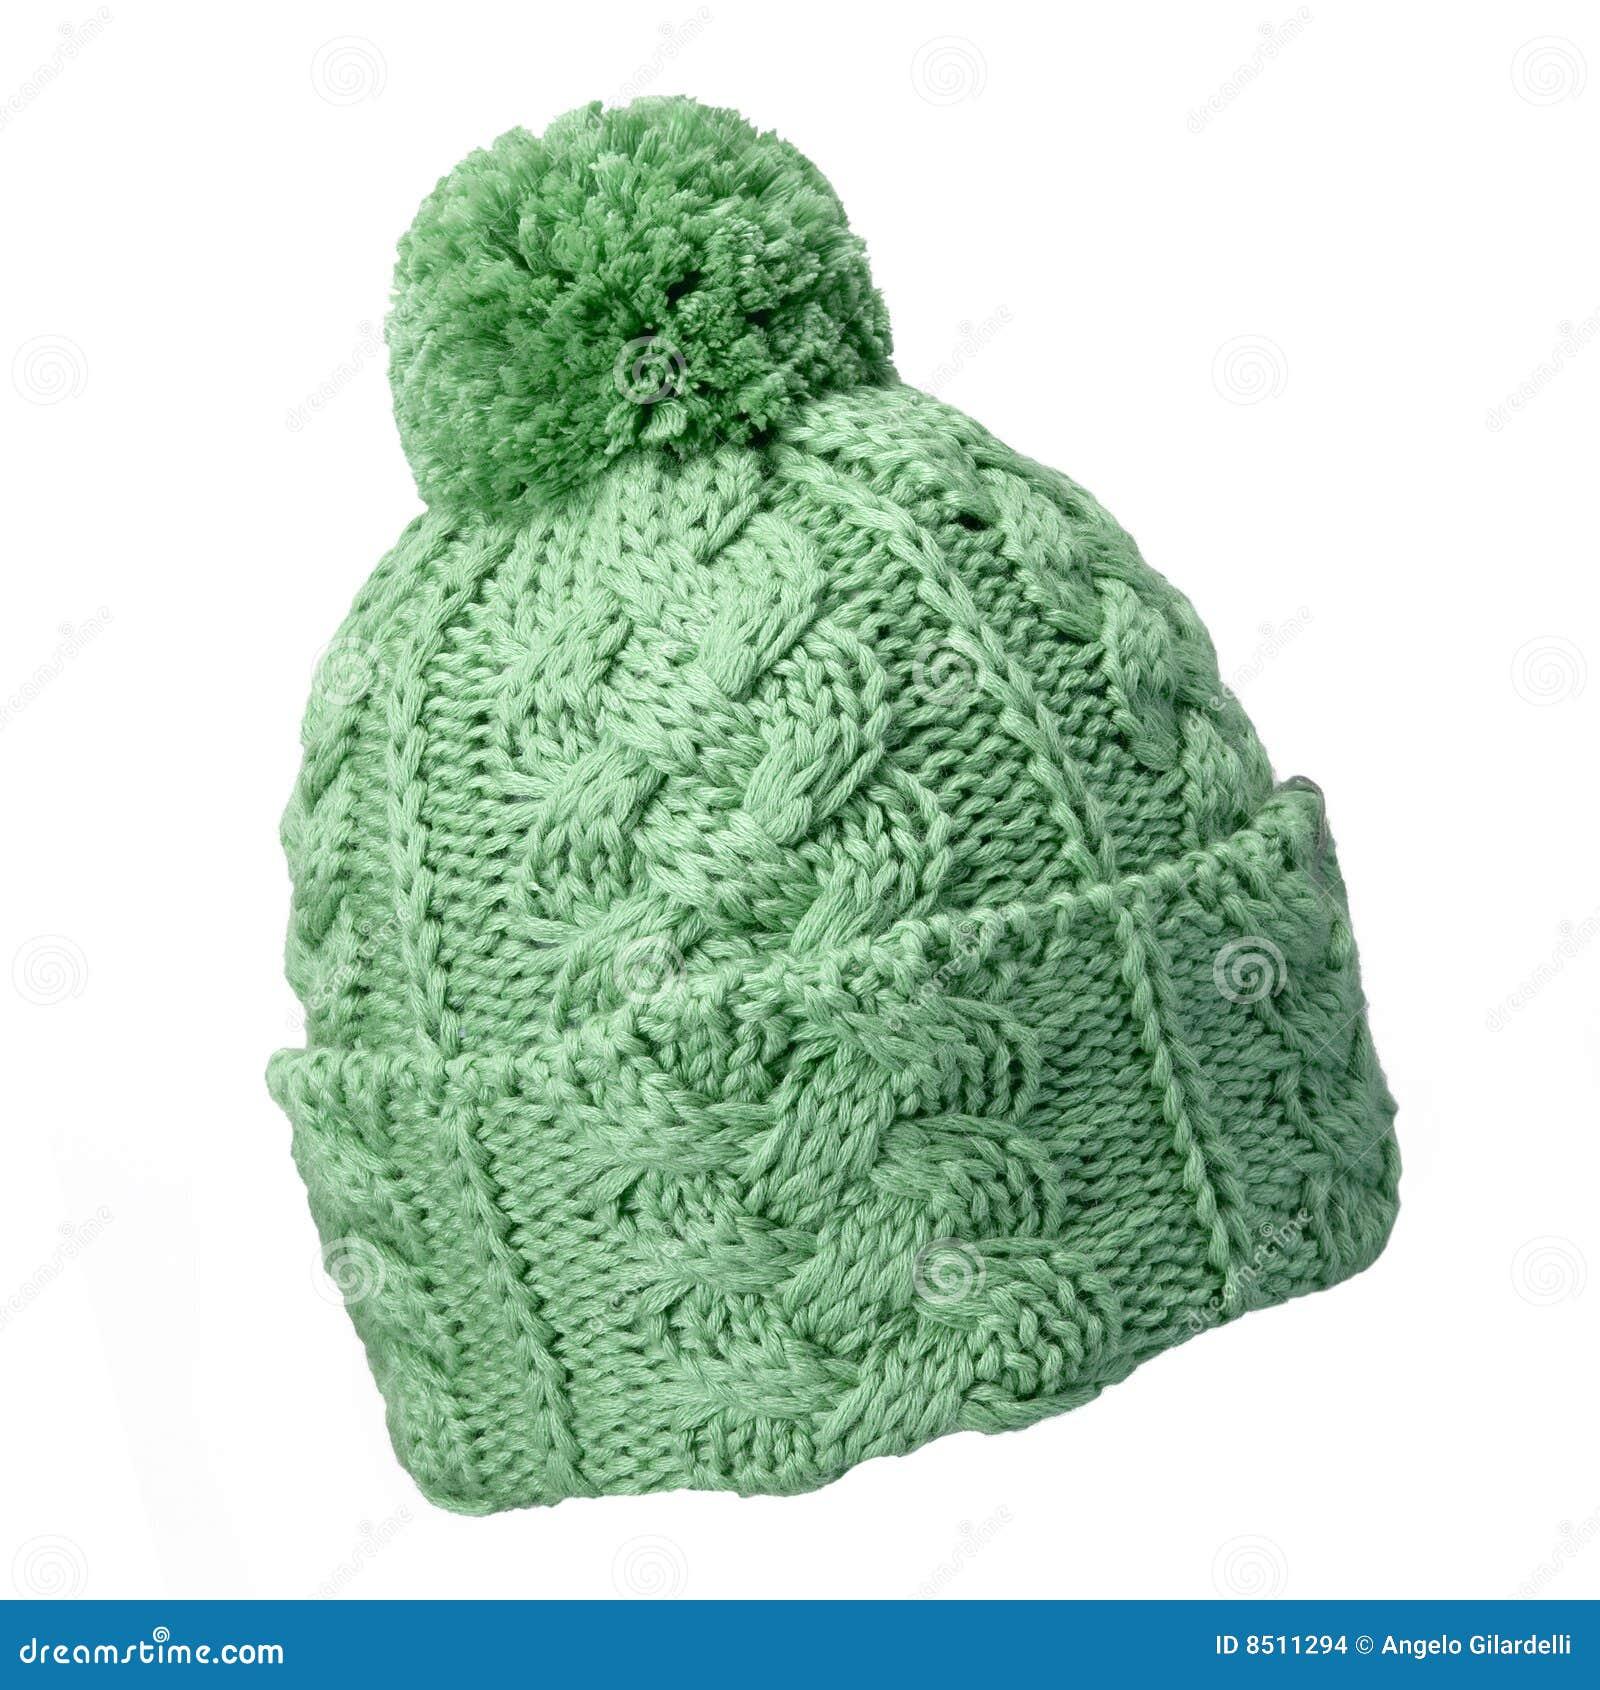 Come fare cappelli di lana: tutorial e schemi [FOTO ...